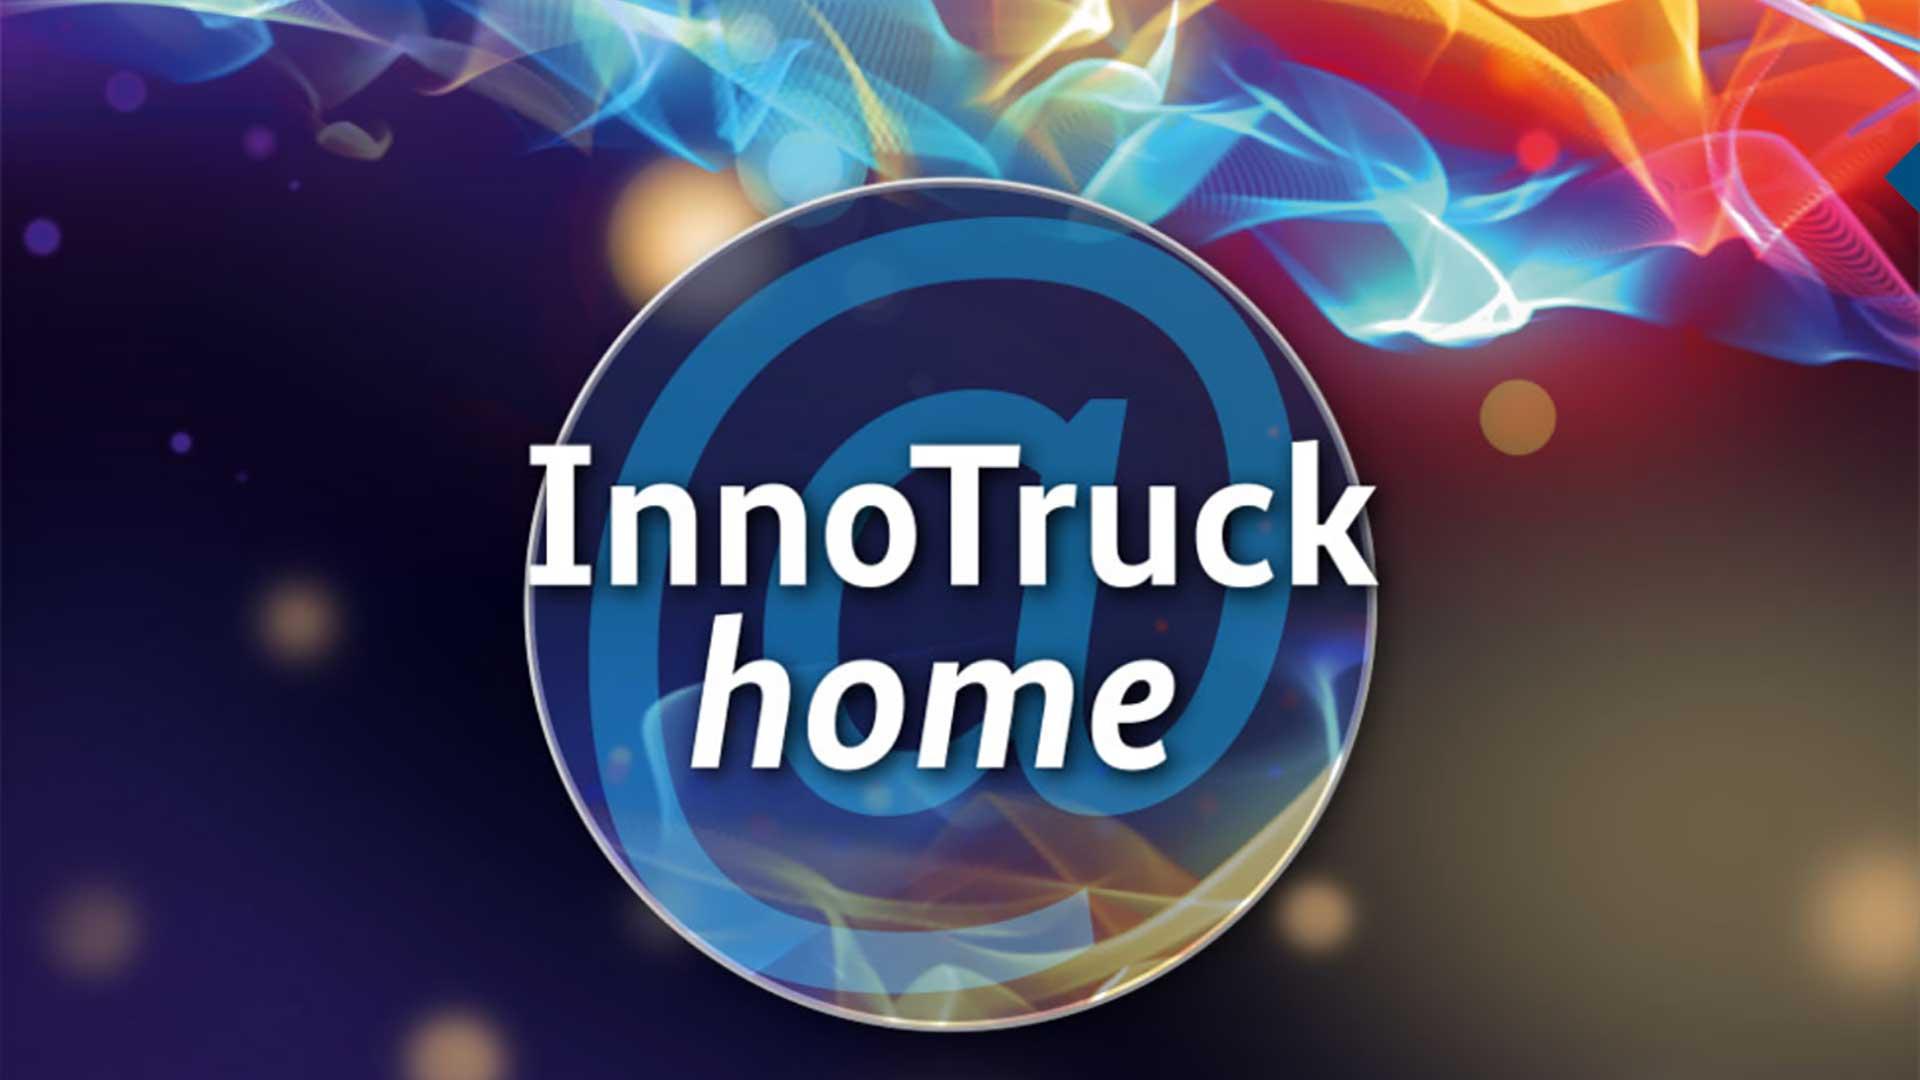 Digital statt vor Ort: FLAD & FLAD entwickelt, ausgelöst durch die Corona-Krise InnoTruck home